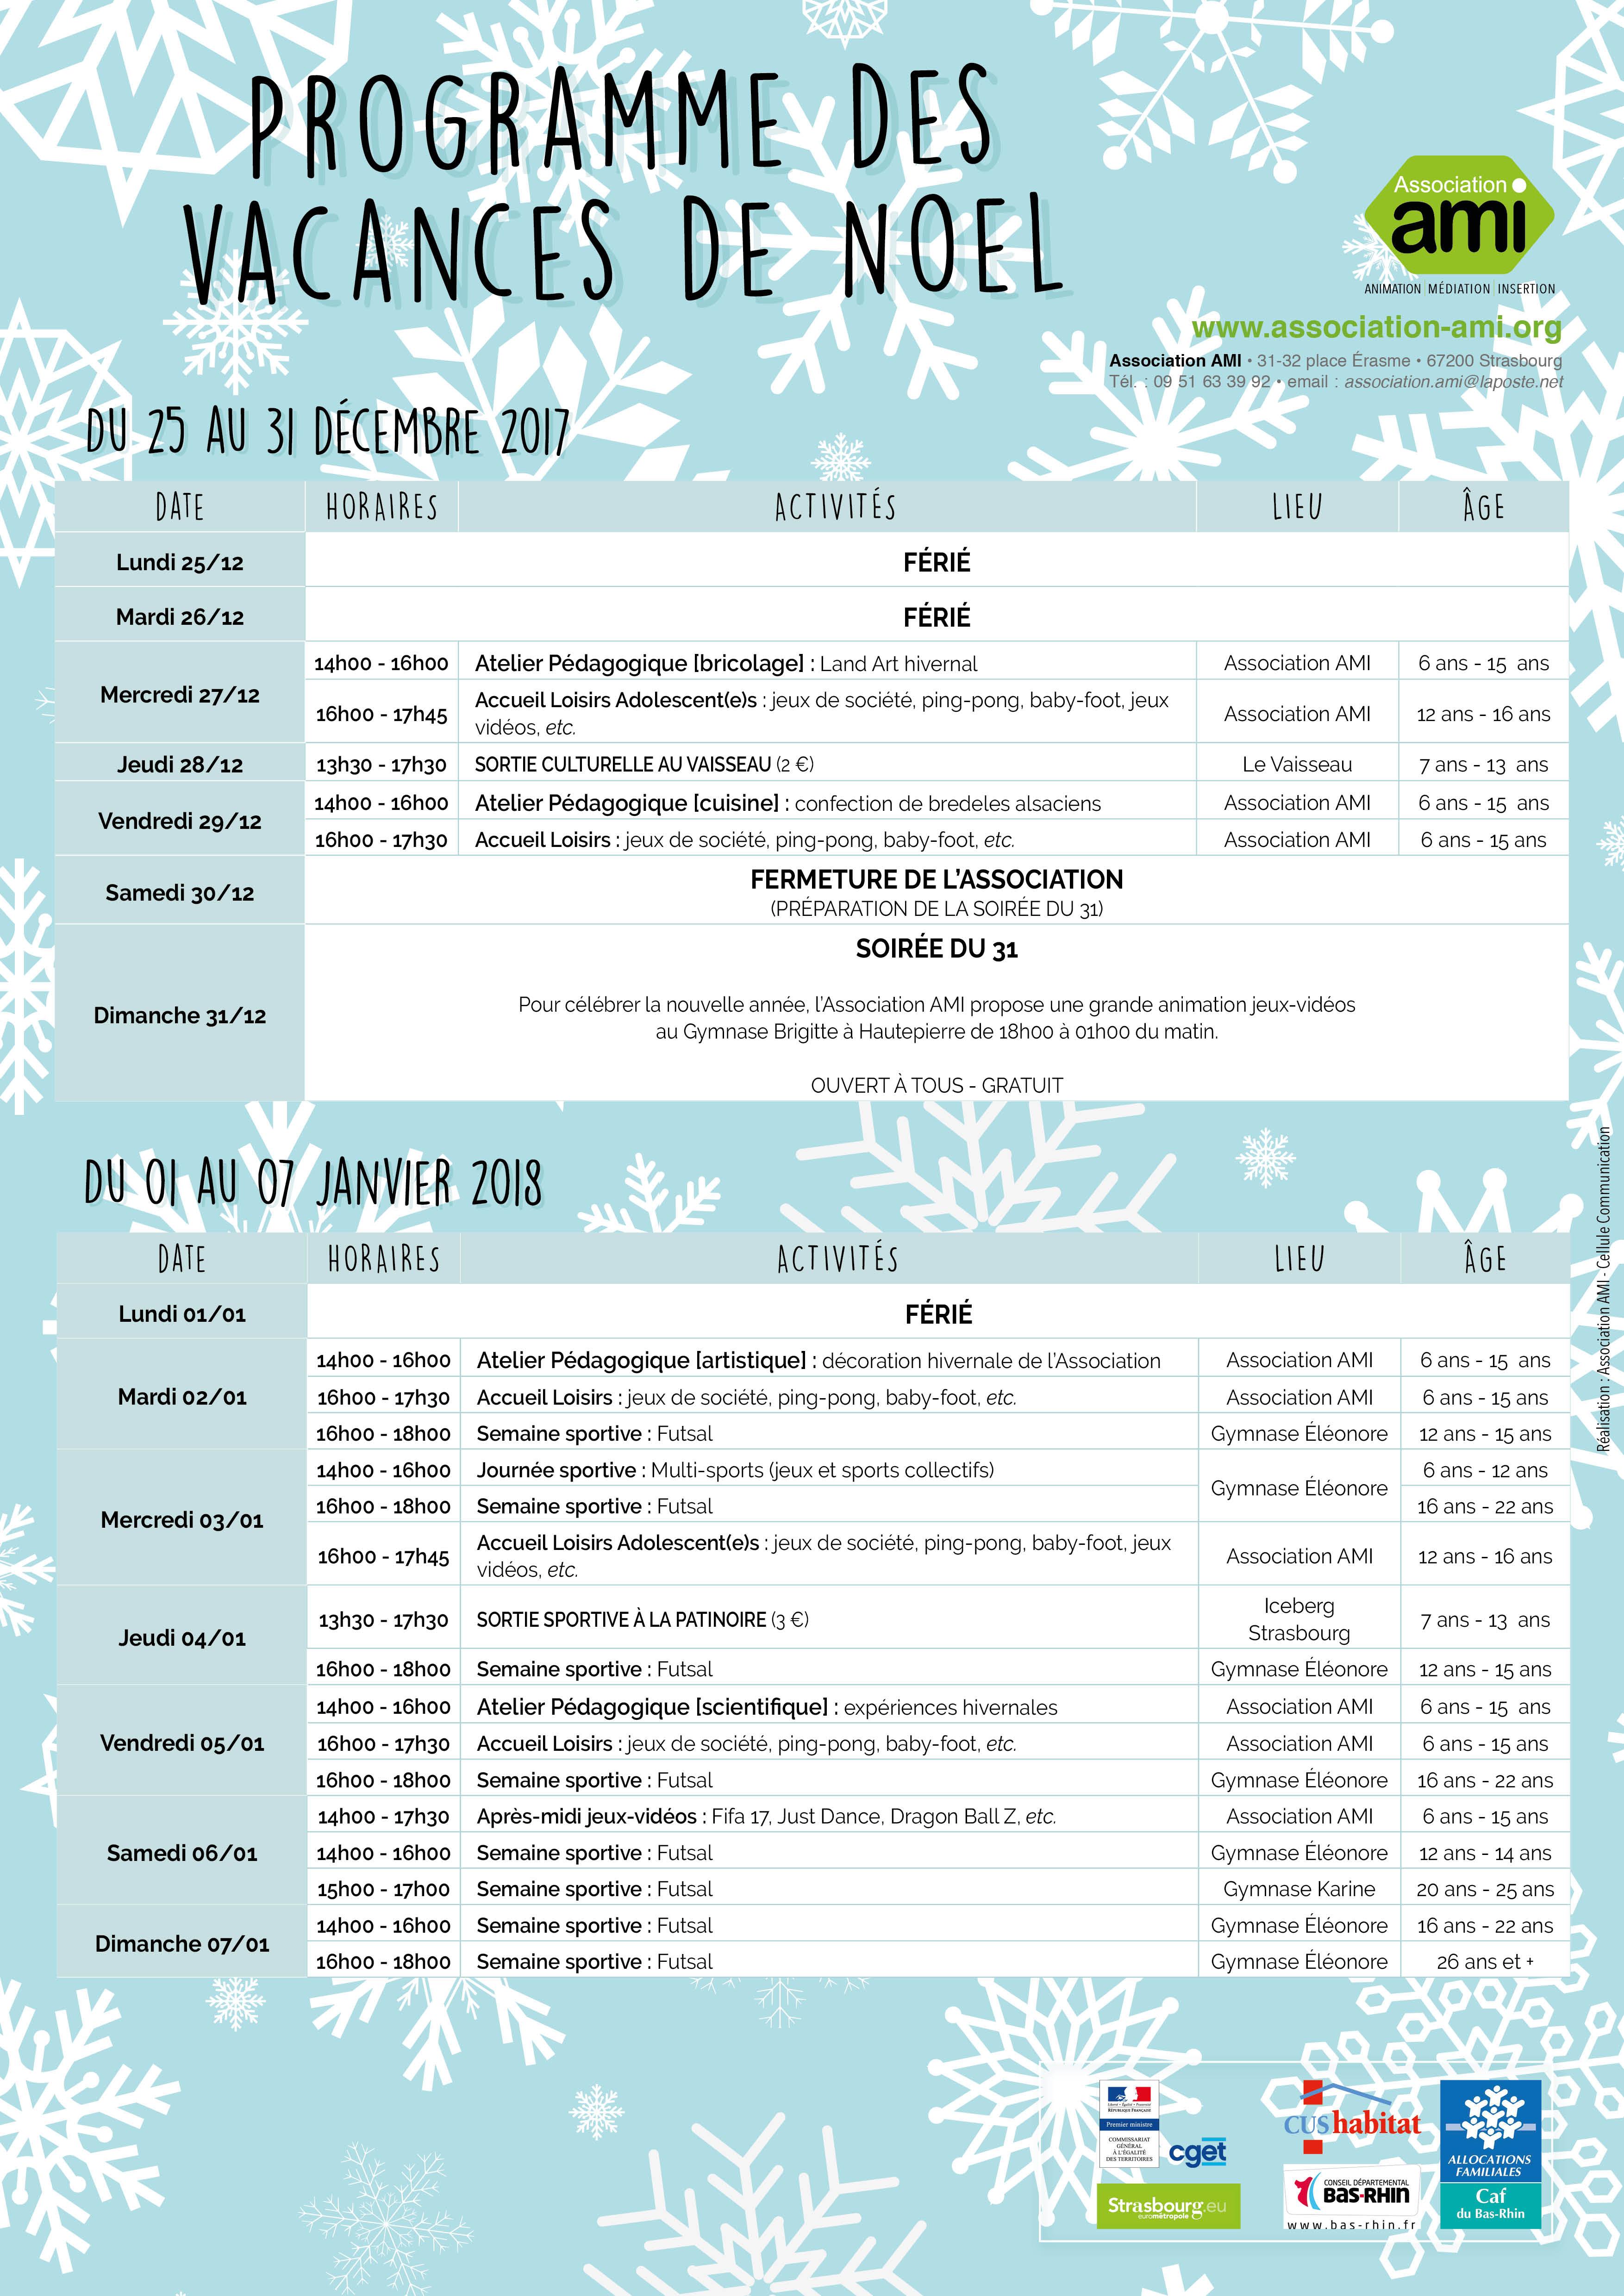 Les vacances de Noël à l'Association AMI